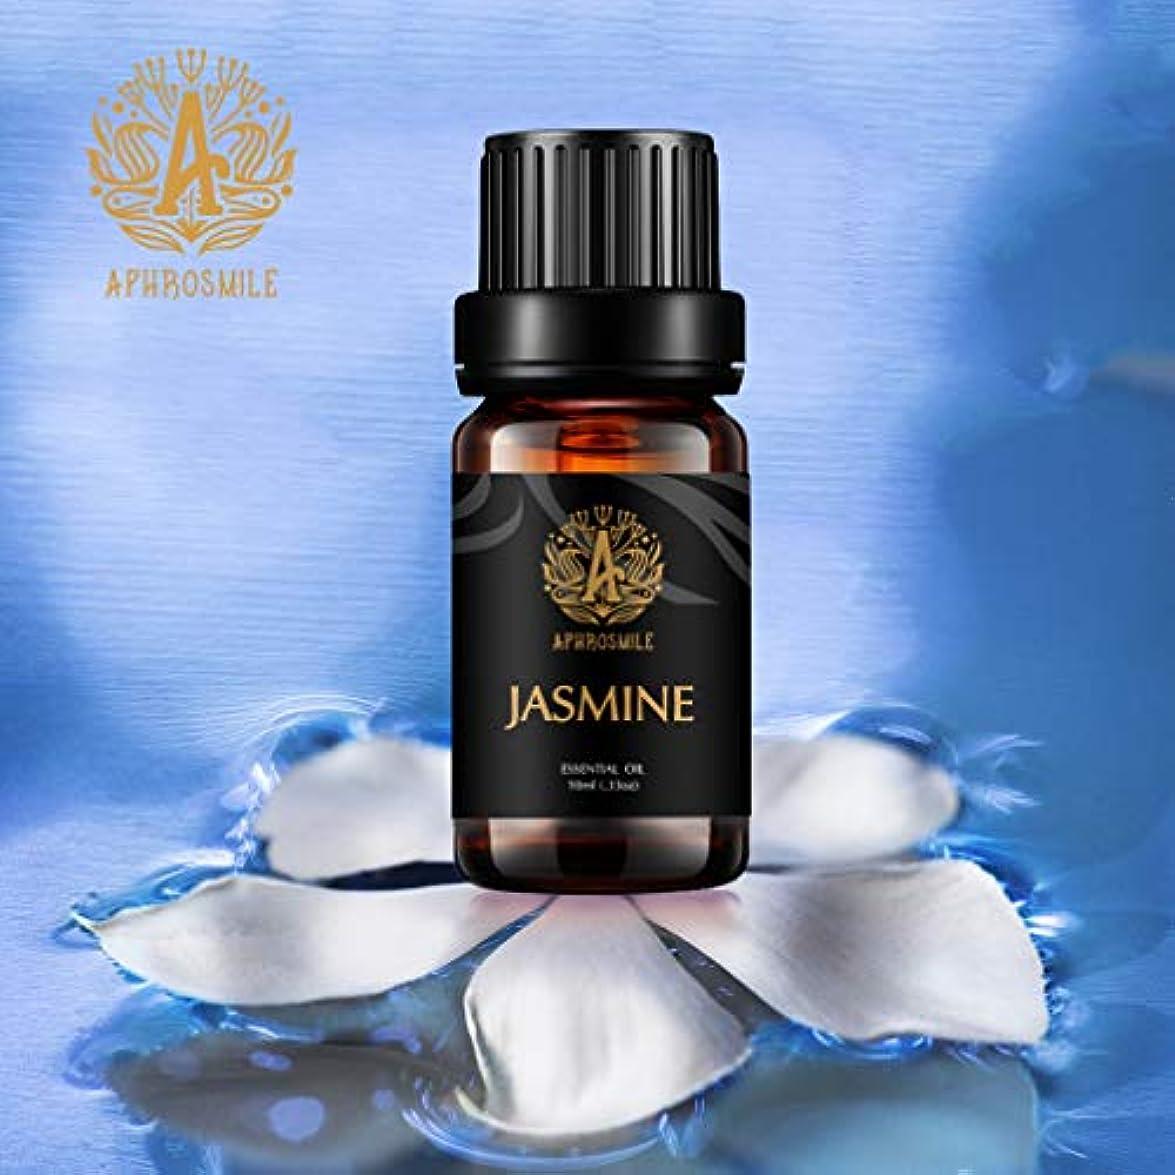 バナナ混乱したサドルジャスミンエッセンシャルオイル、100%純粋なアロマセラピーエッセンシャルオイルジャスミンの香りと甘い花の香り、治療上の等級の精油のジャスミンの芳香為に拡散器、マッサージ、加湿器、毎日の心配、0.33オンス-10ml